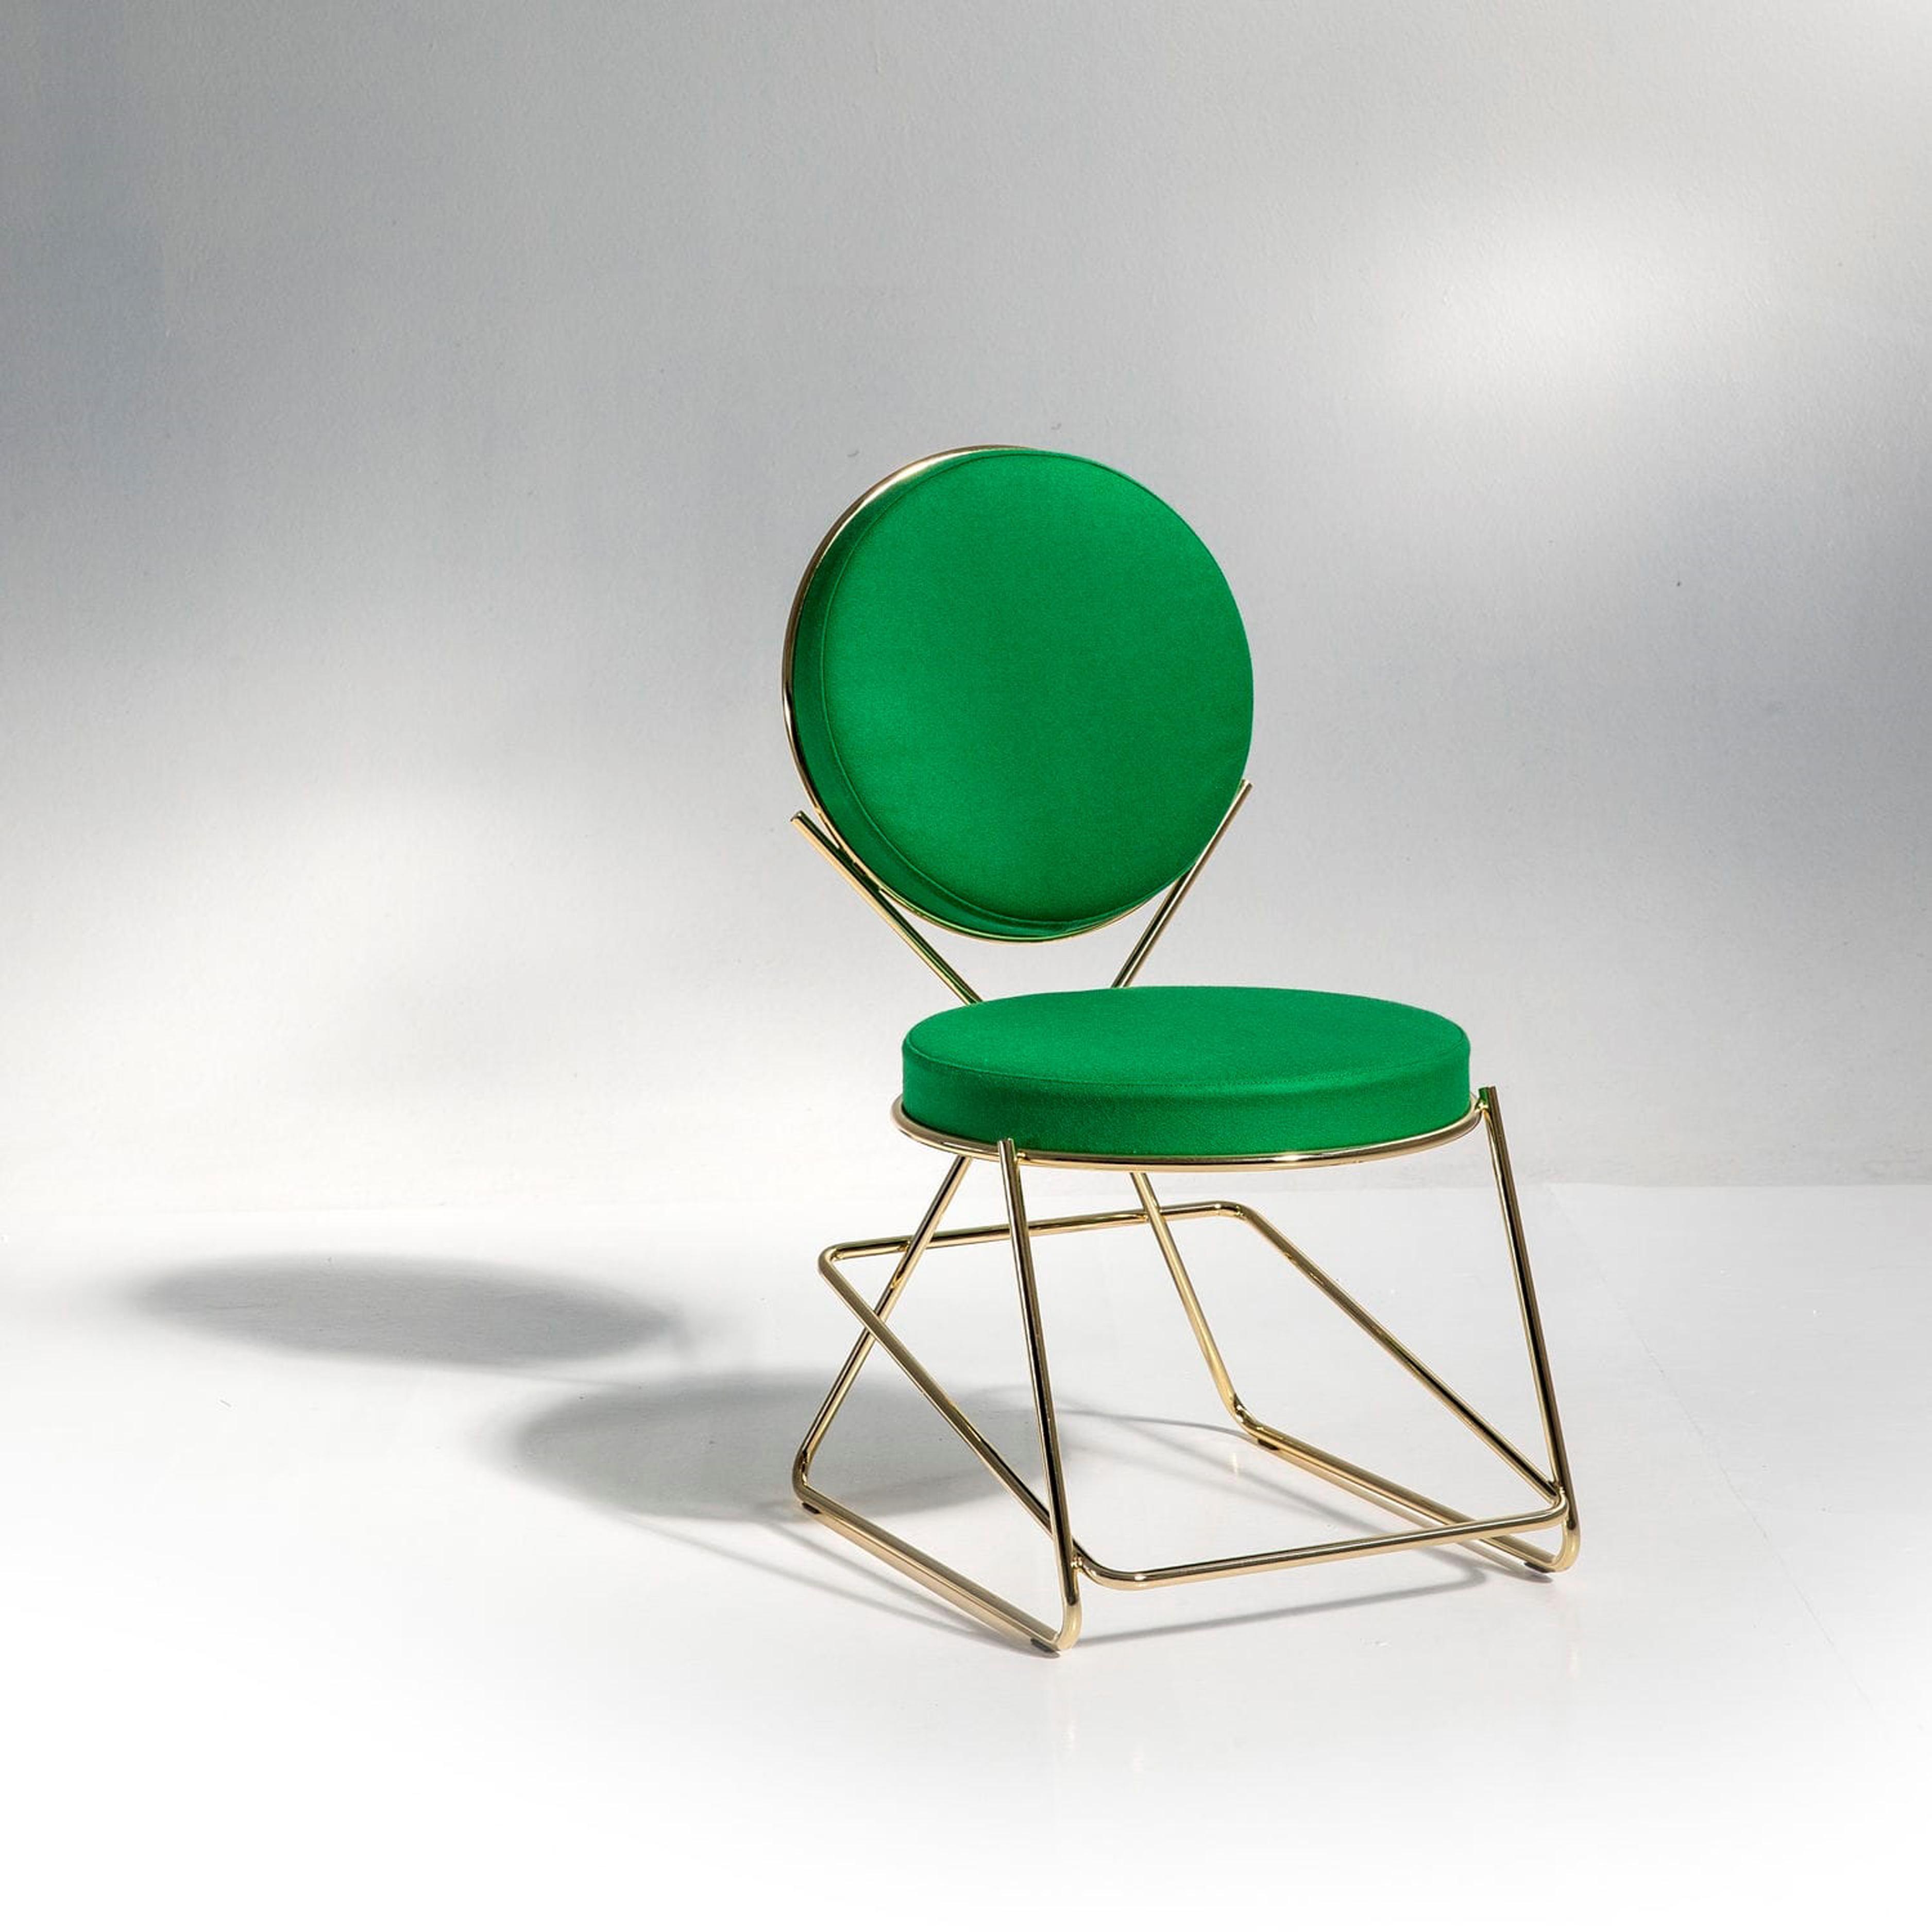 7-cadeira-Double-Zero-de-David-Adjaye